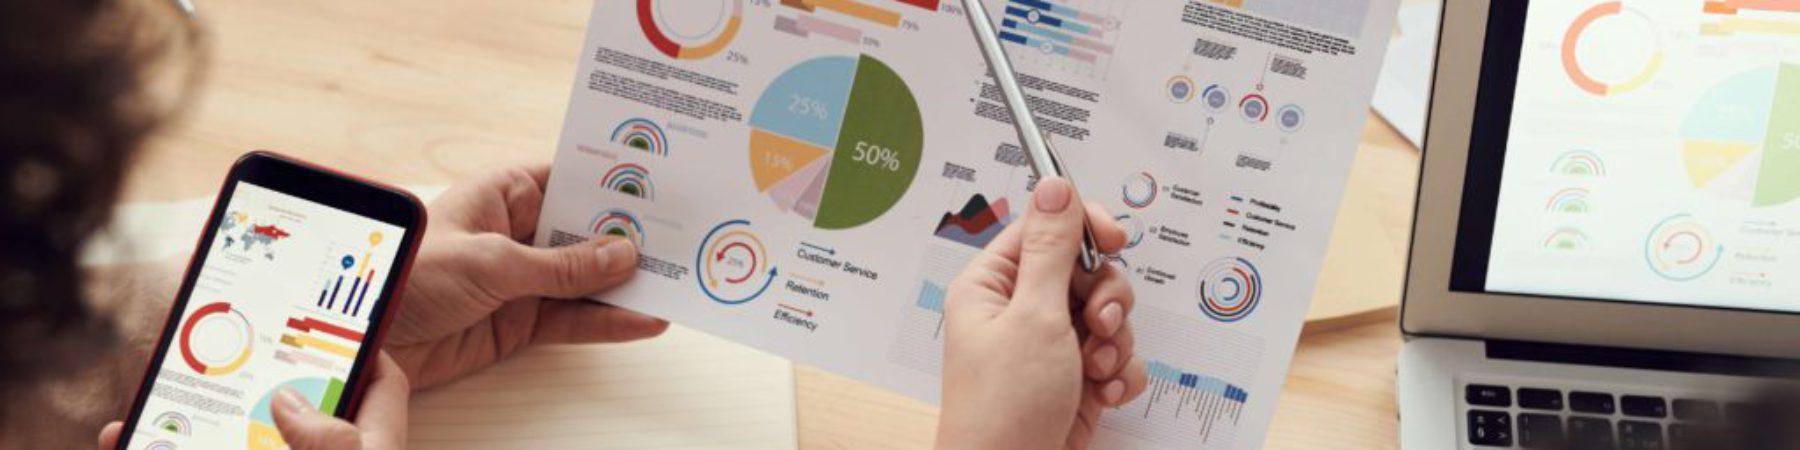 Data Science<br>for E-Commerce & Social Media